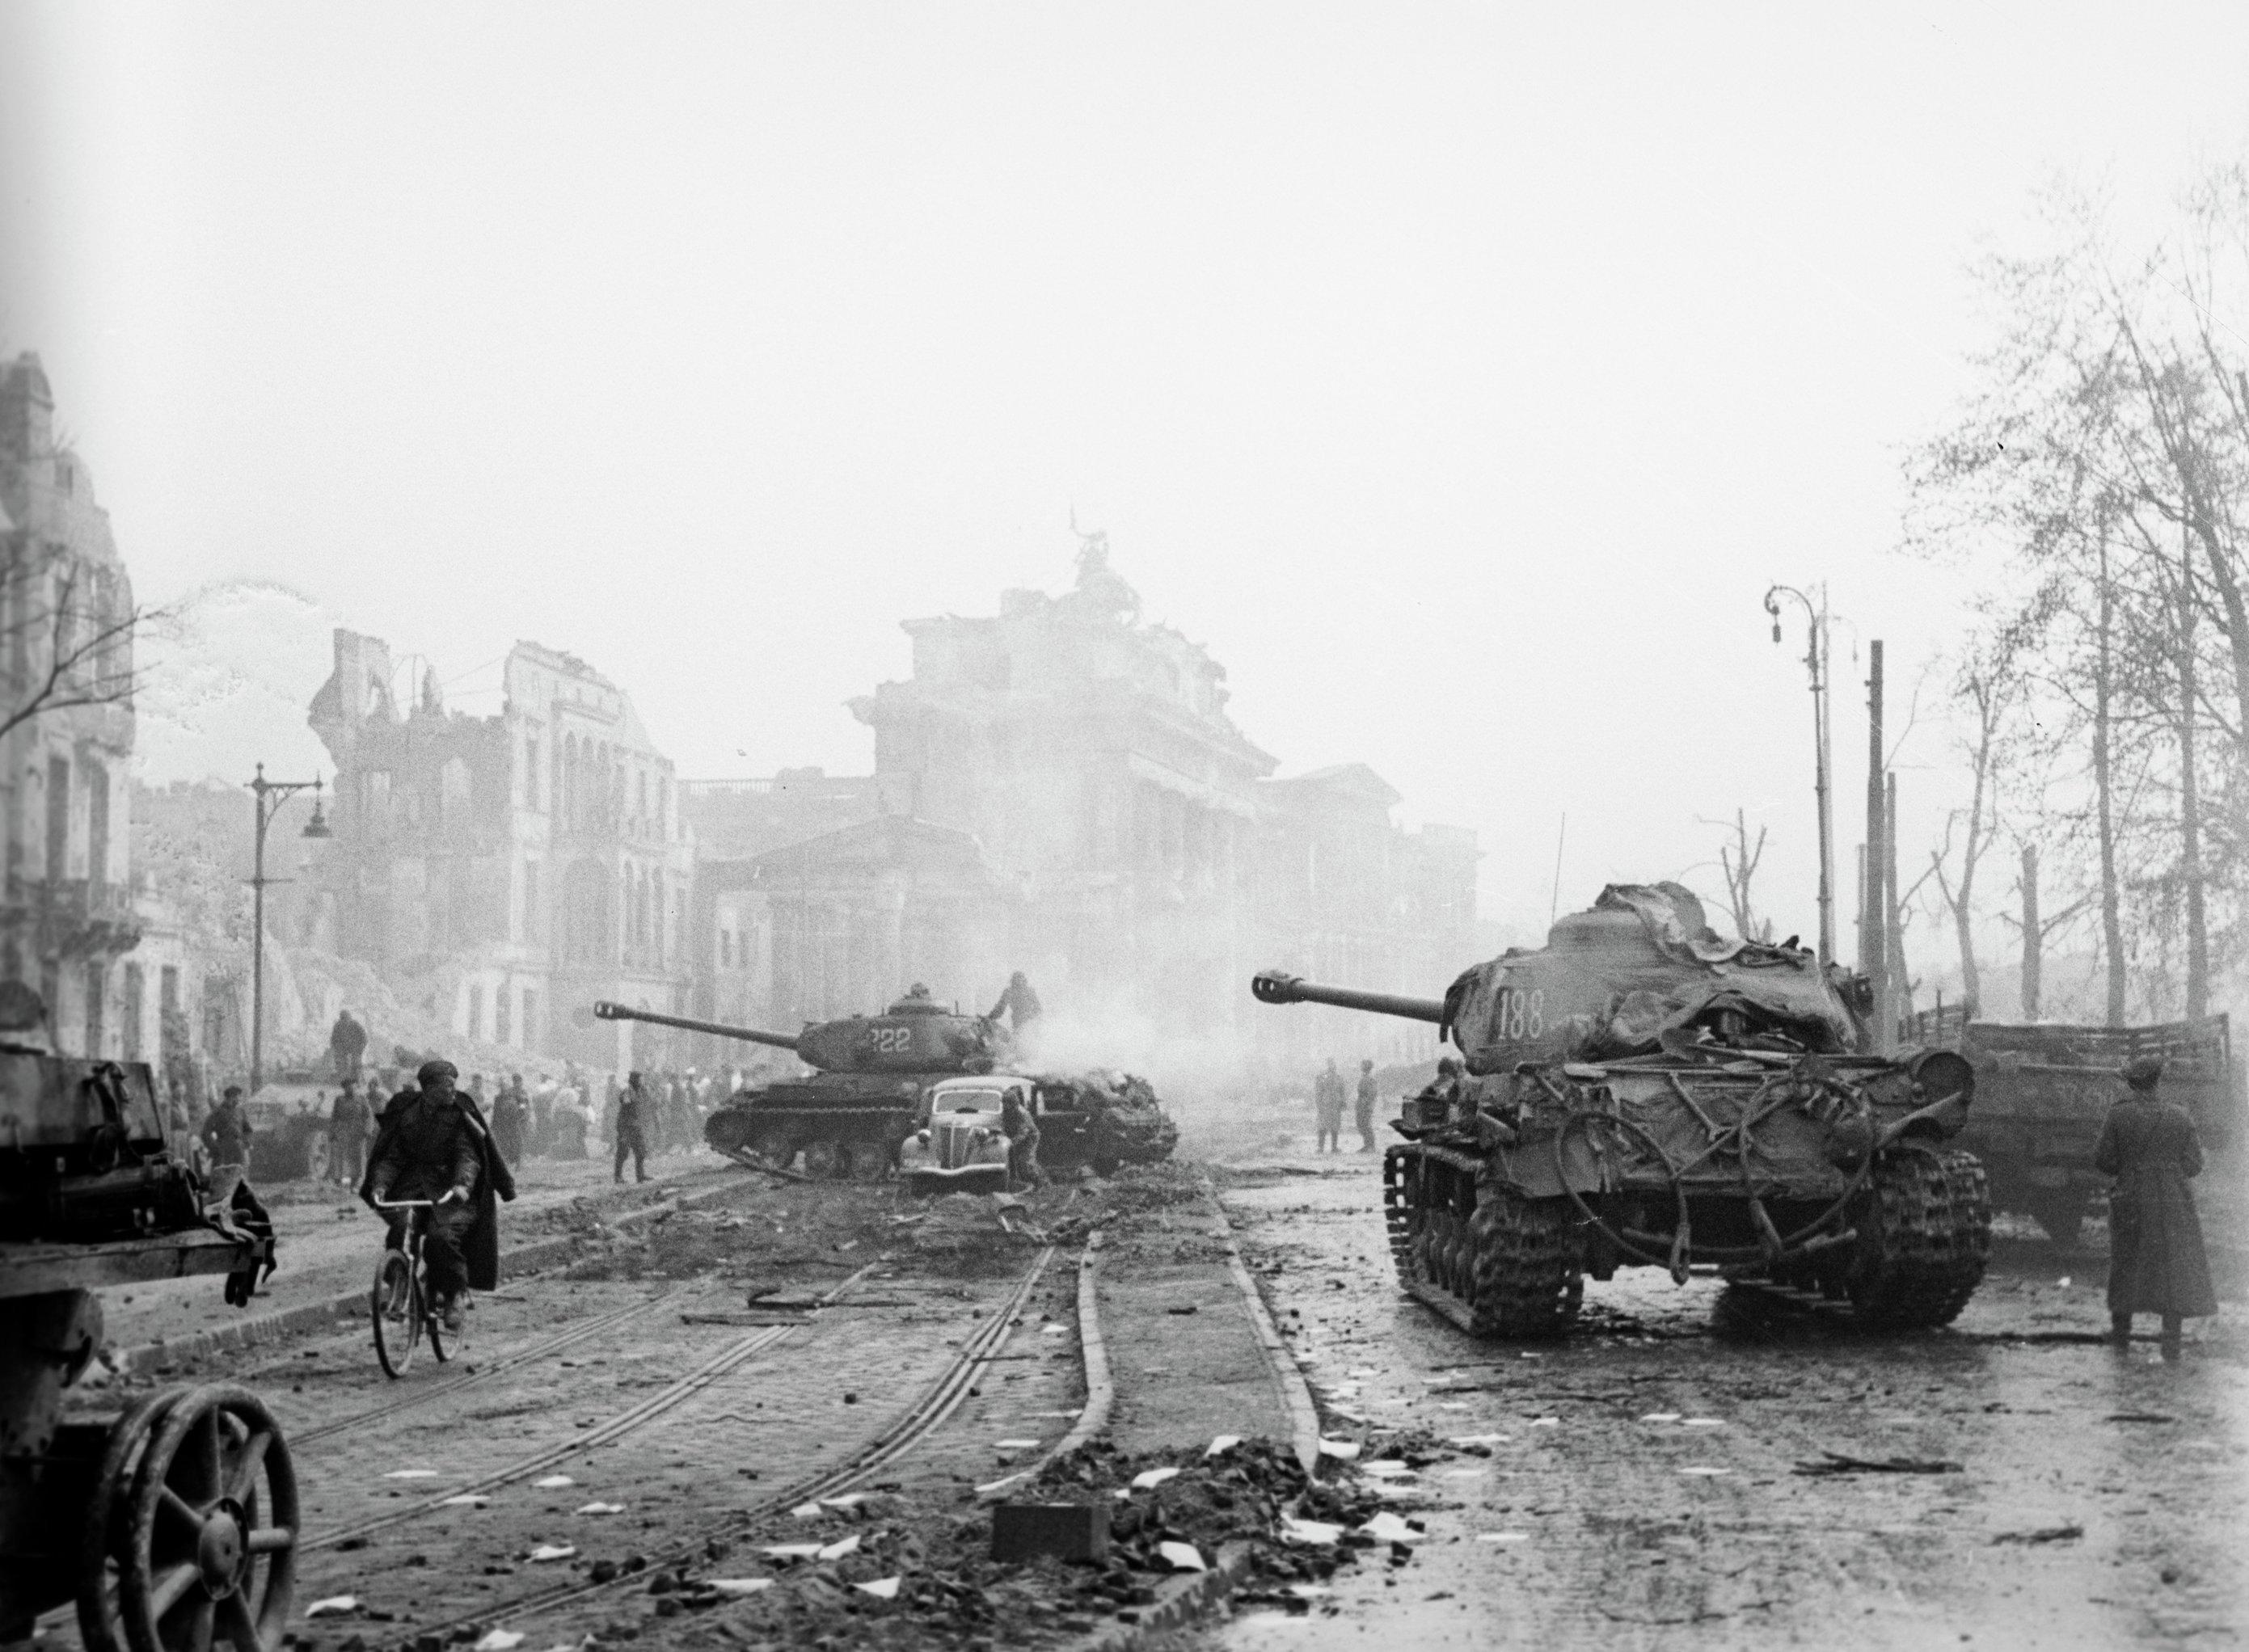 берлин военные фото три края